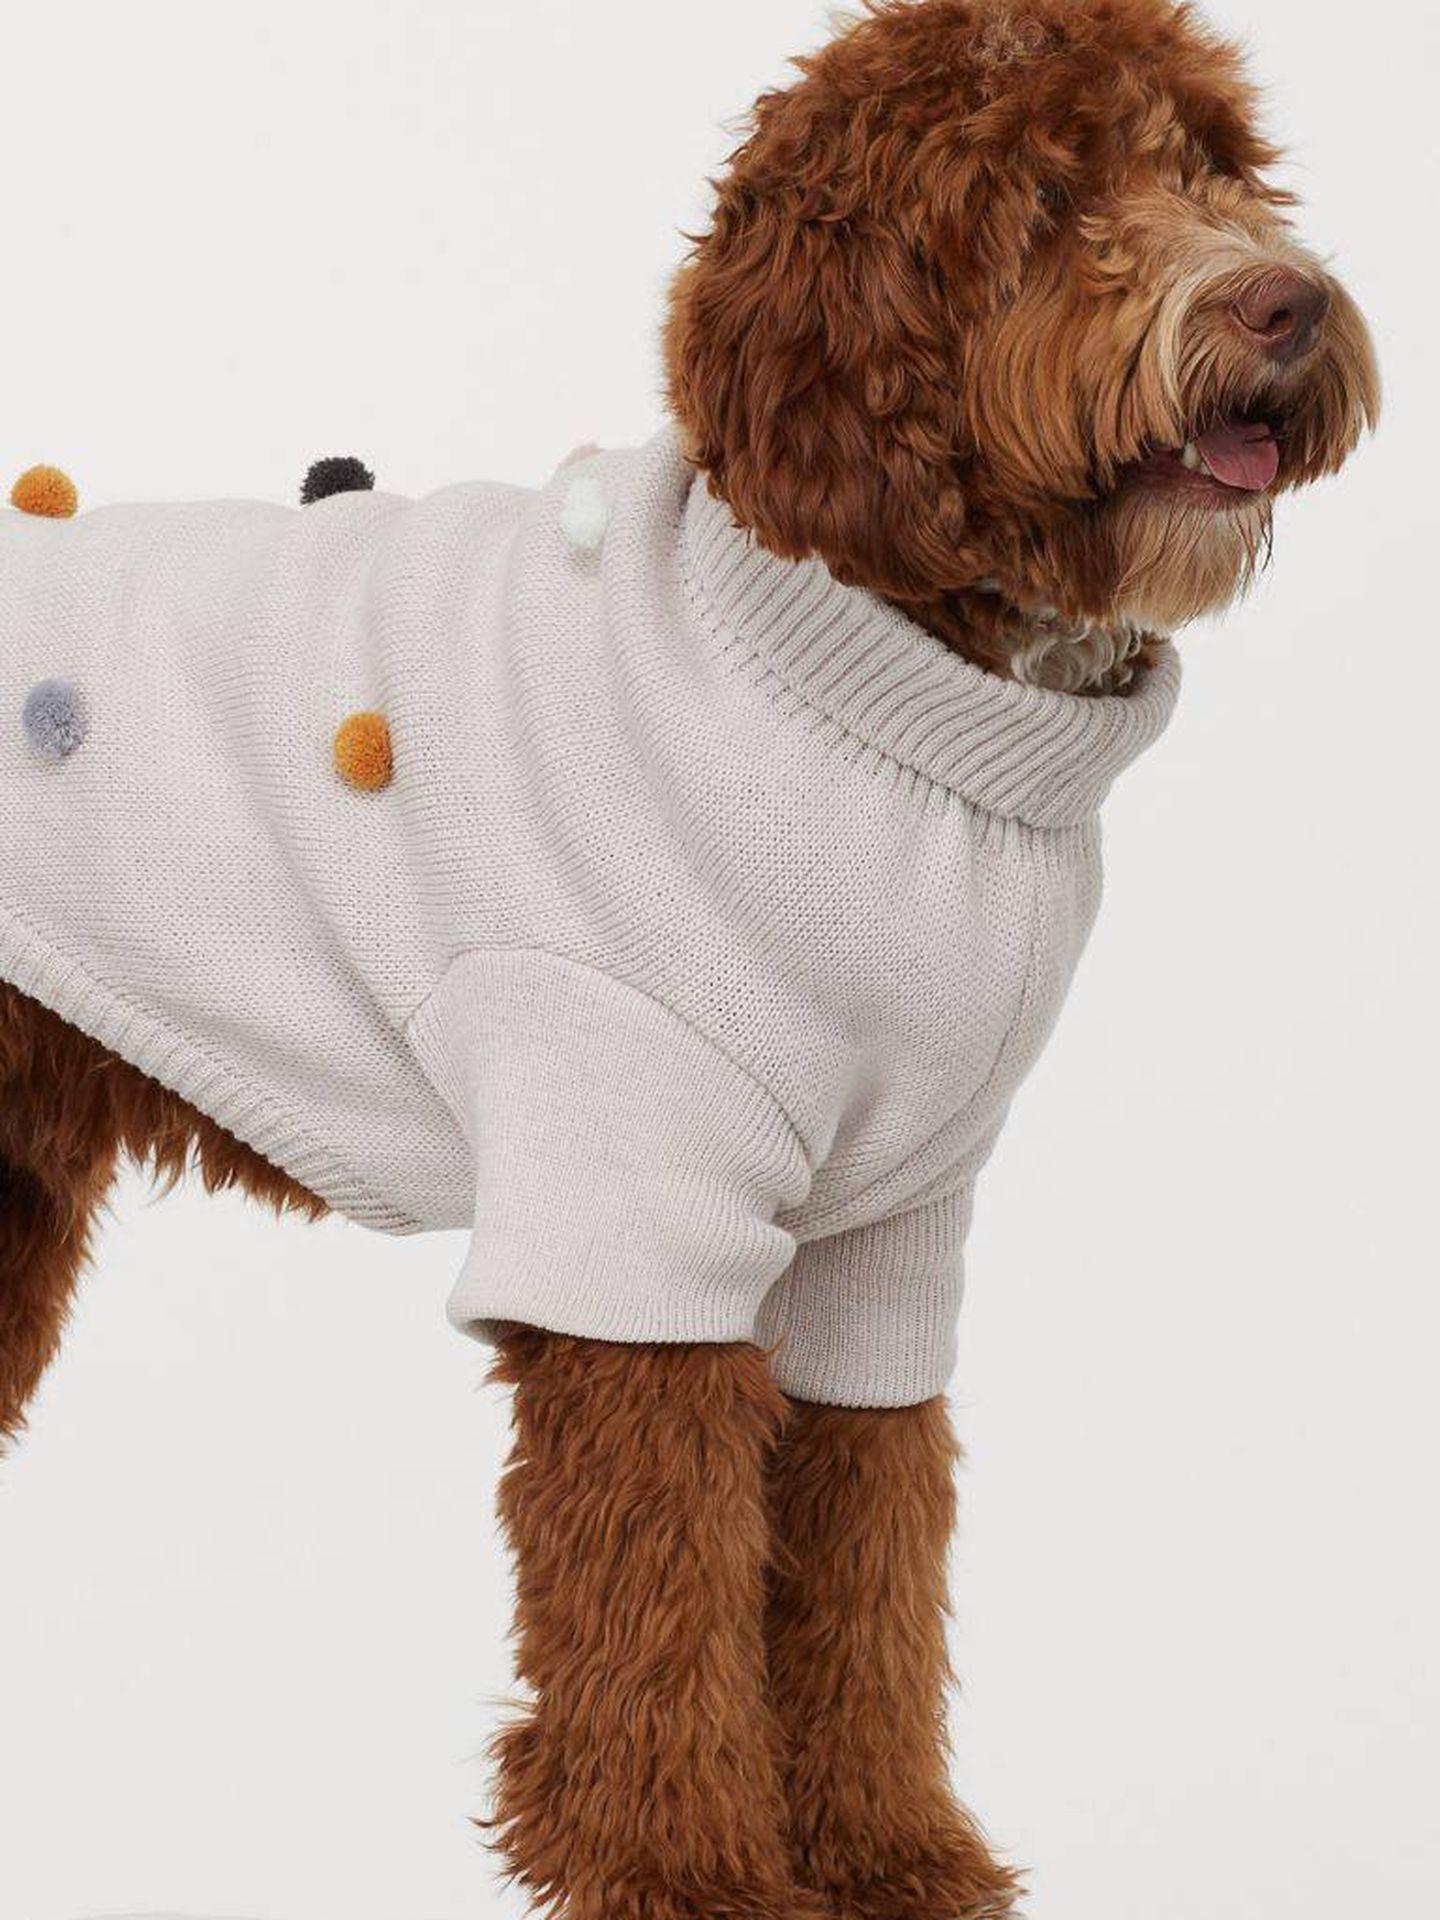 Un jersey para perros de HyM. (Cortesía)